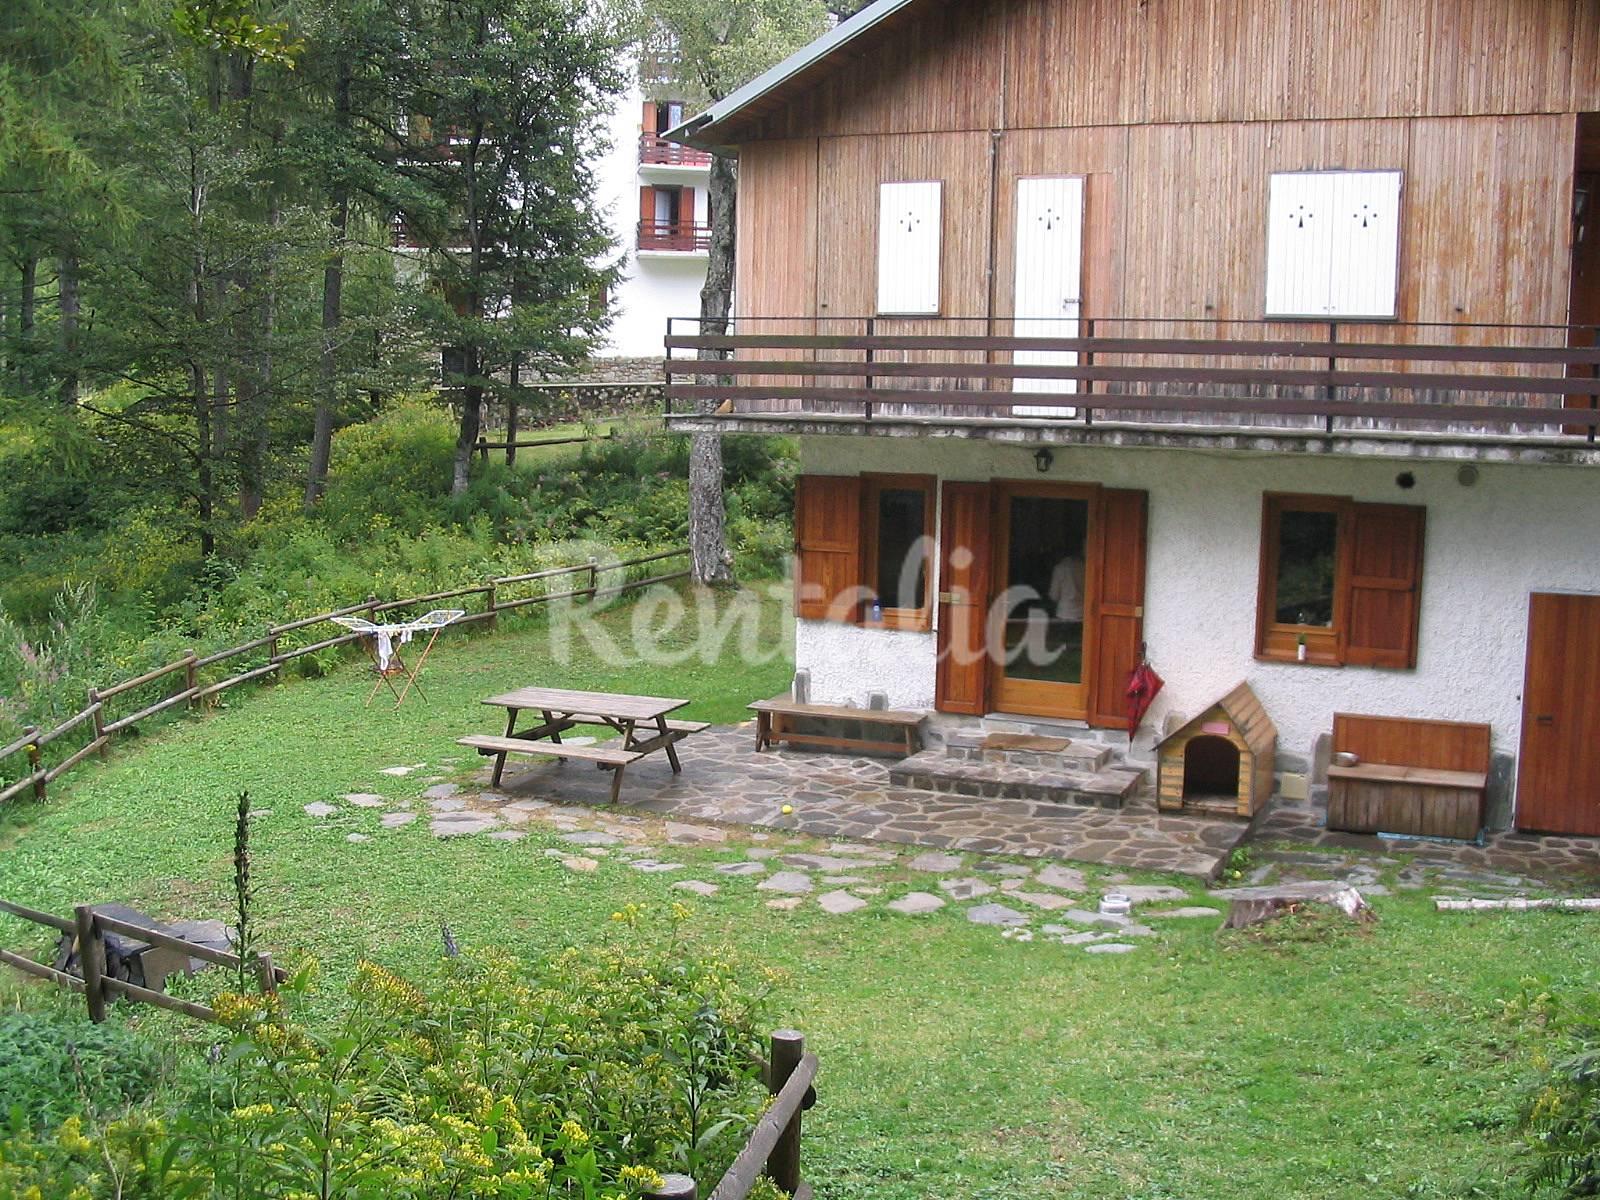 Villa in affitto pian delle betulle pian delle betulle for Case affitto lecco arredate